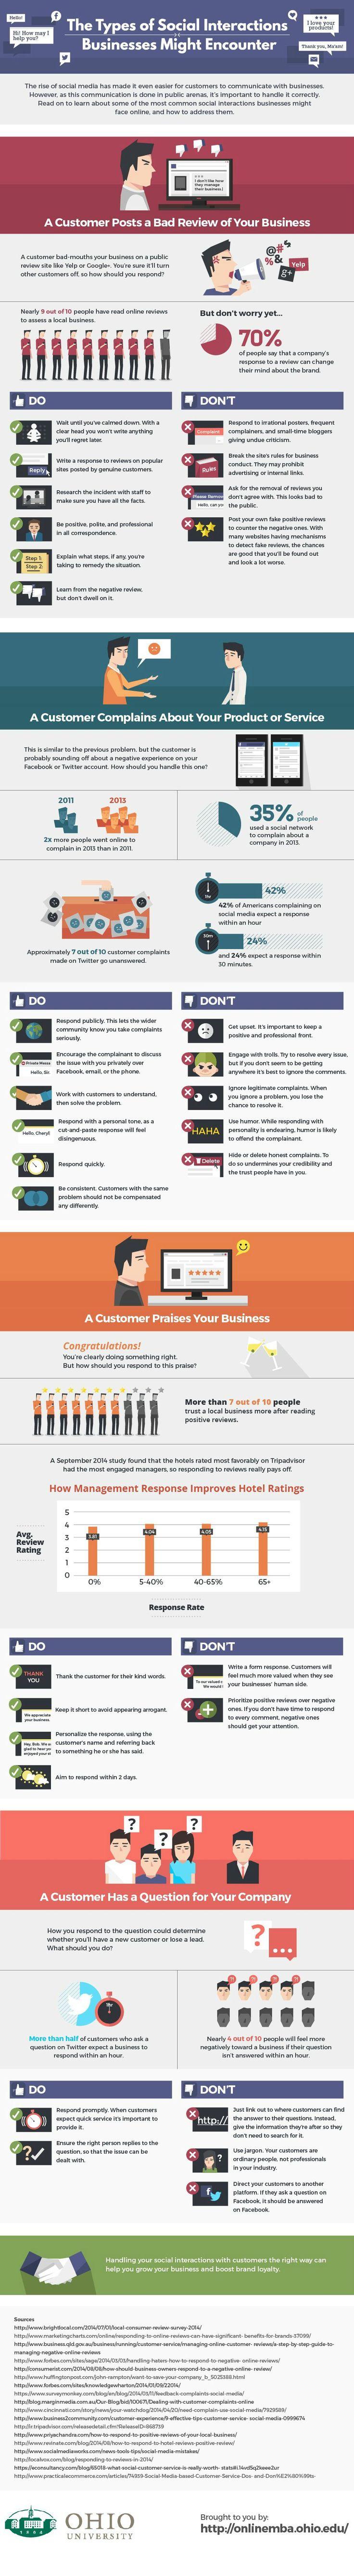 4 cas d'interactions avec les consommateurs